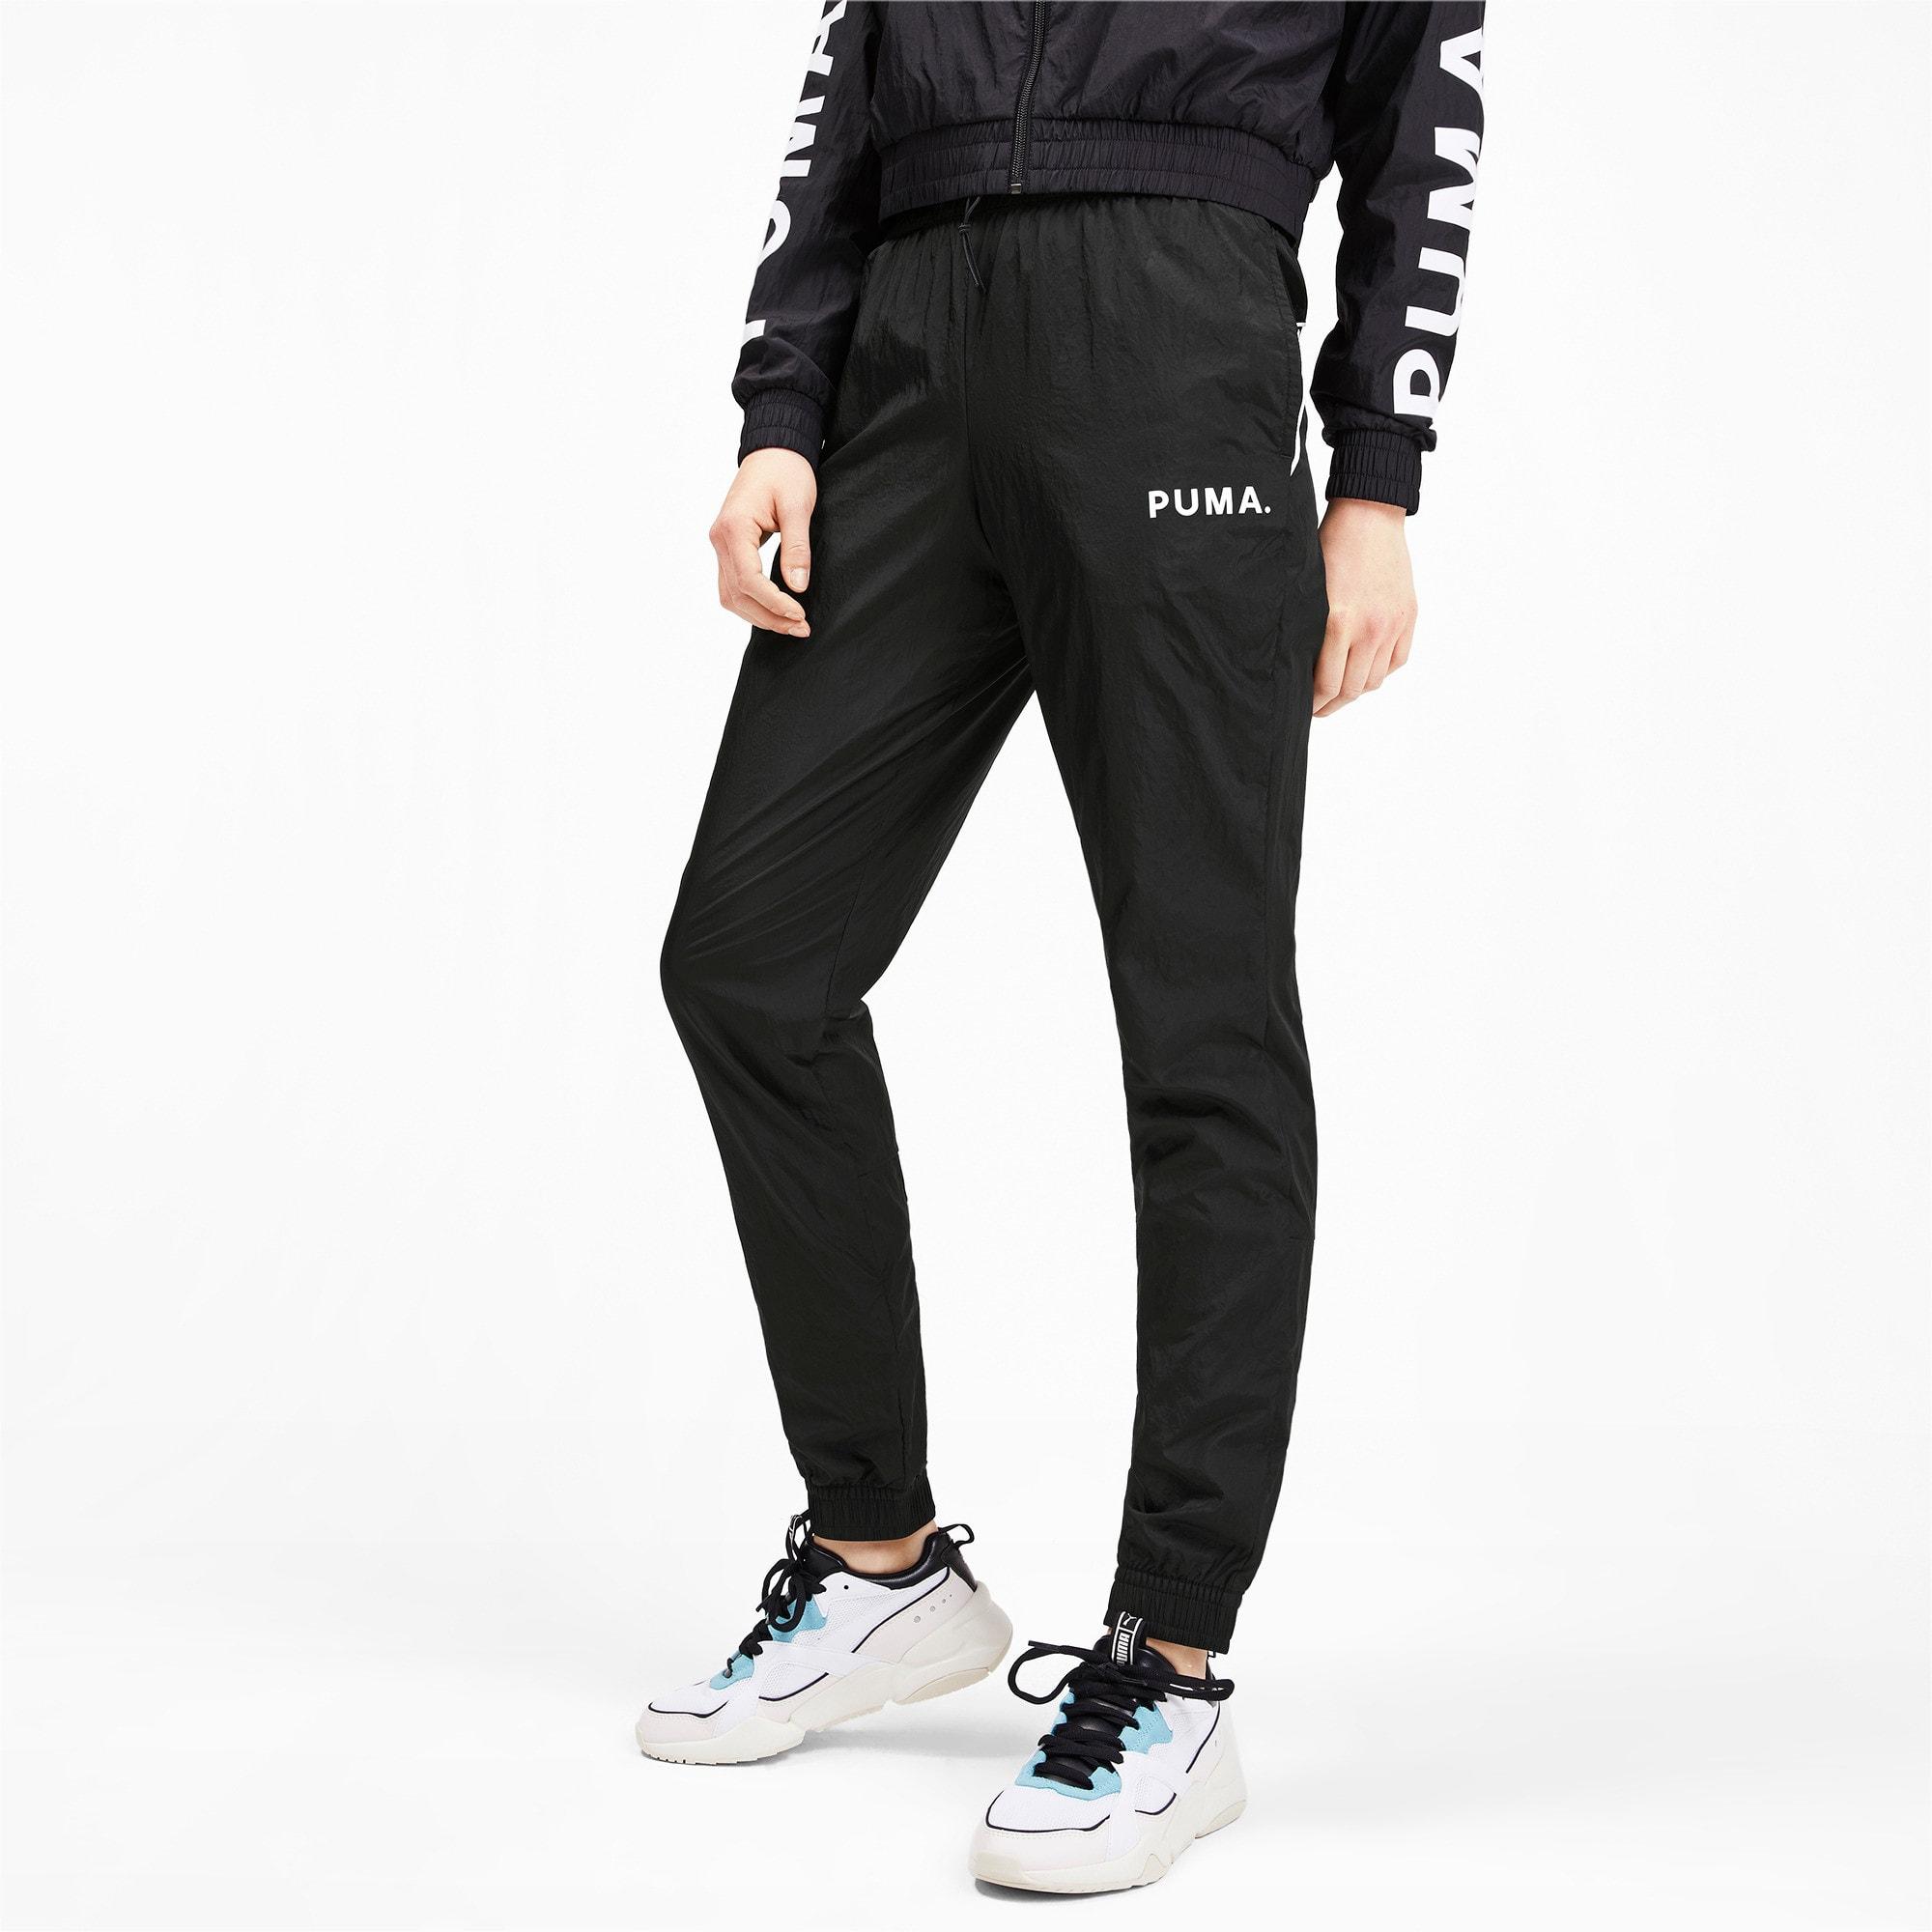 Miniatura 2 de Pantalones de punto Chase para mujer, Puma Black, mediano